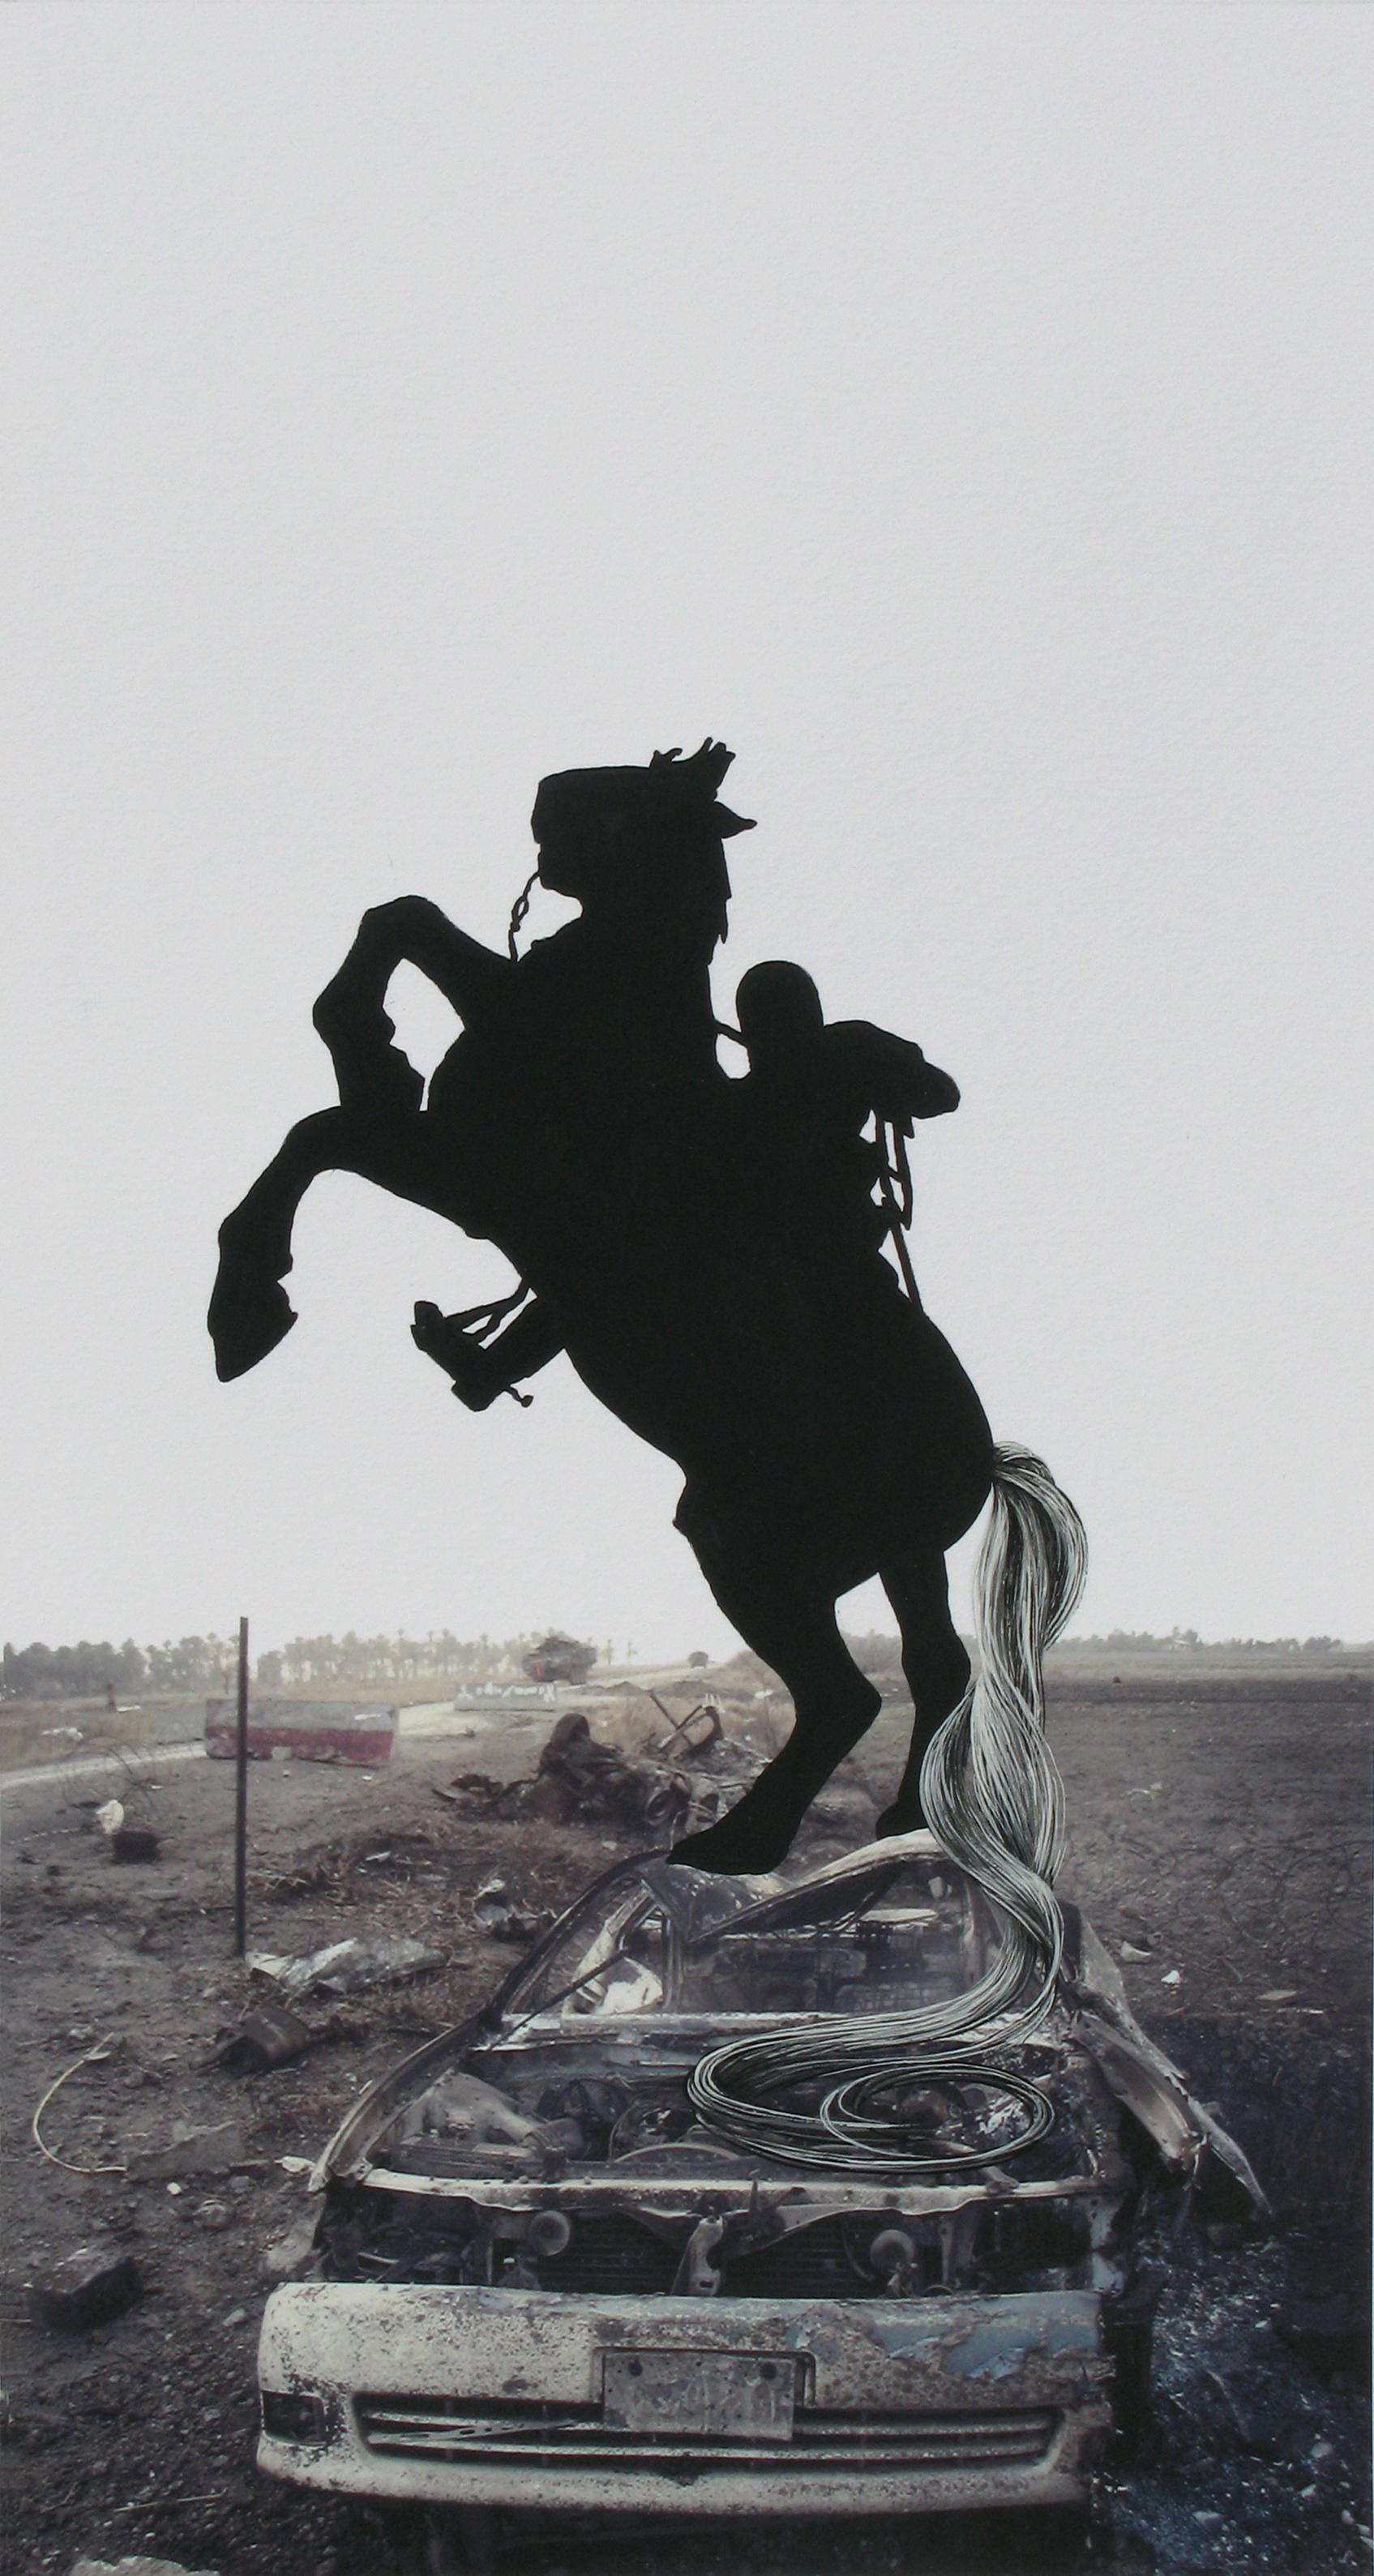 Equus: Suicide Bomb Site with Juan de Onate, 2009